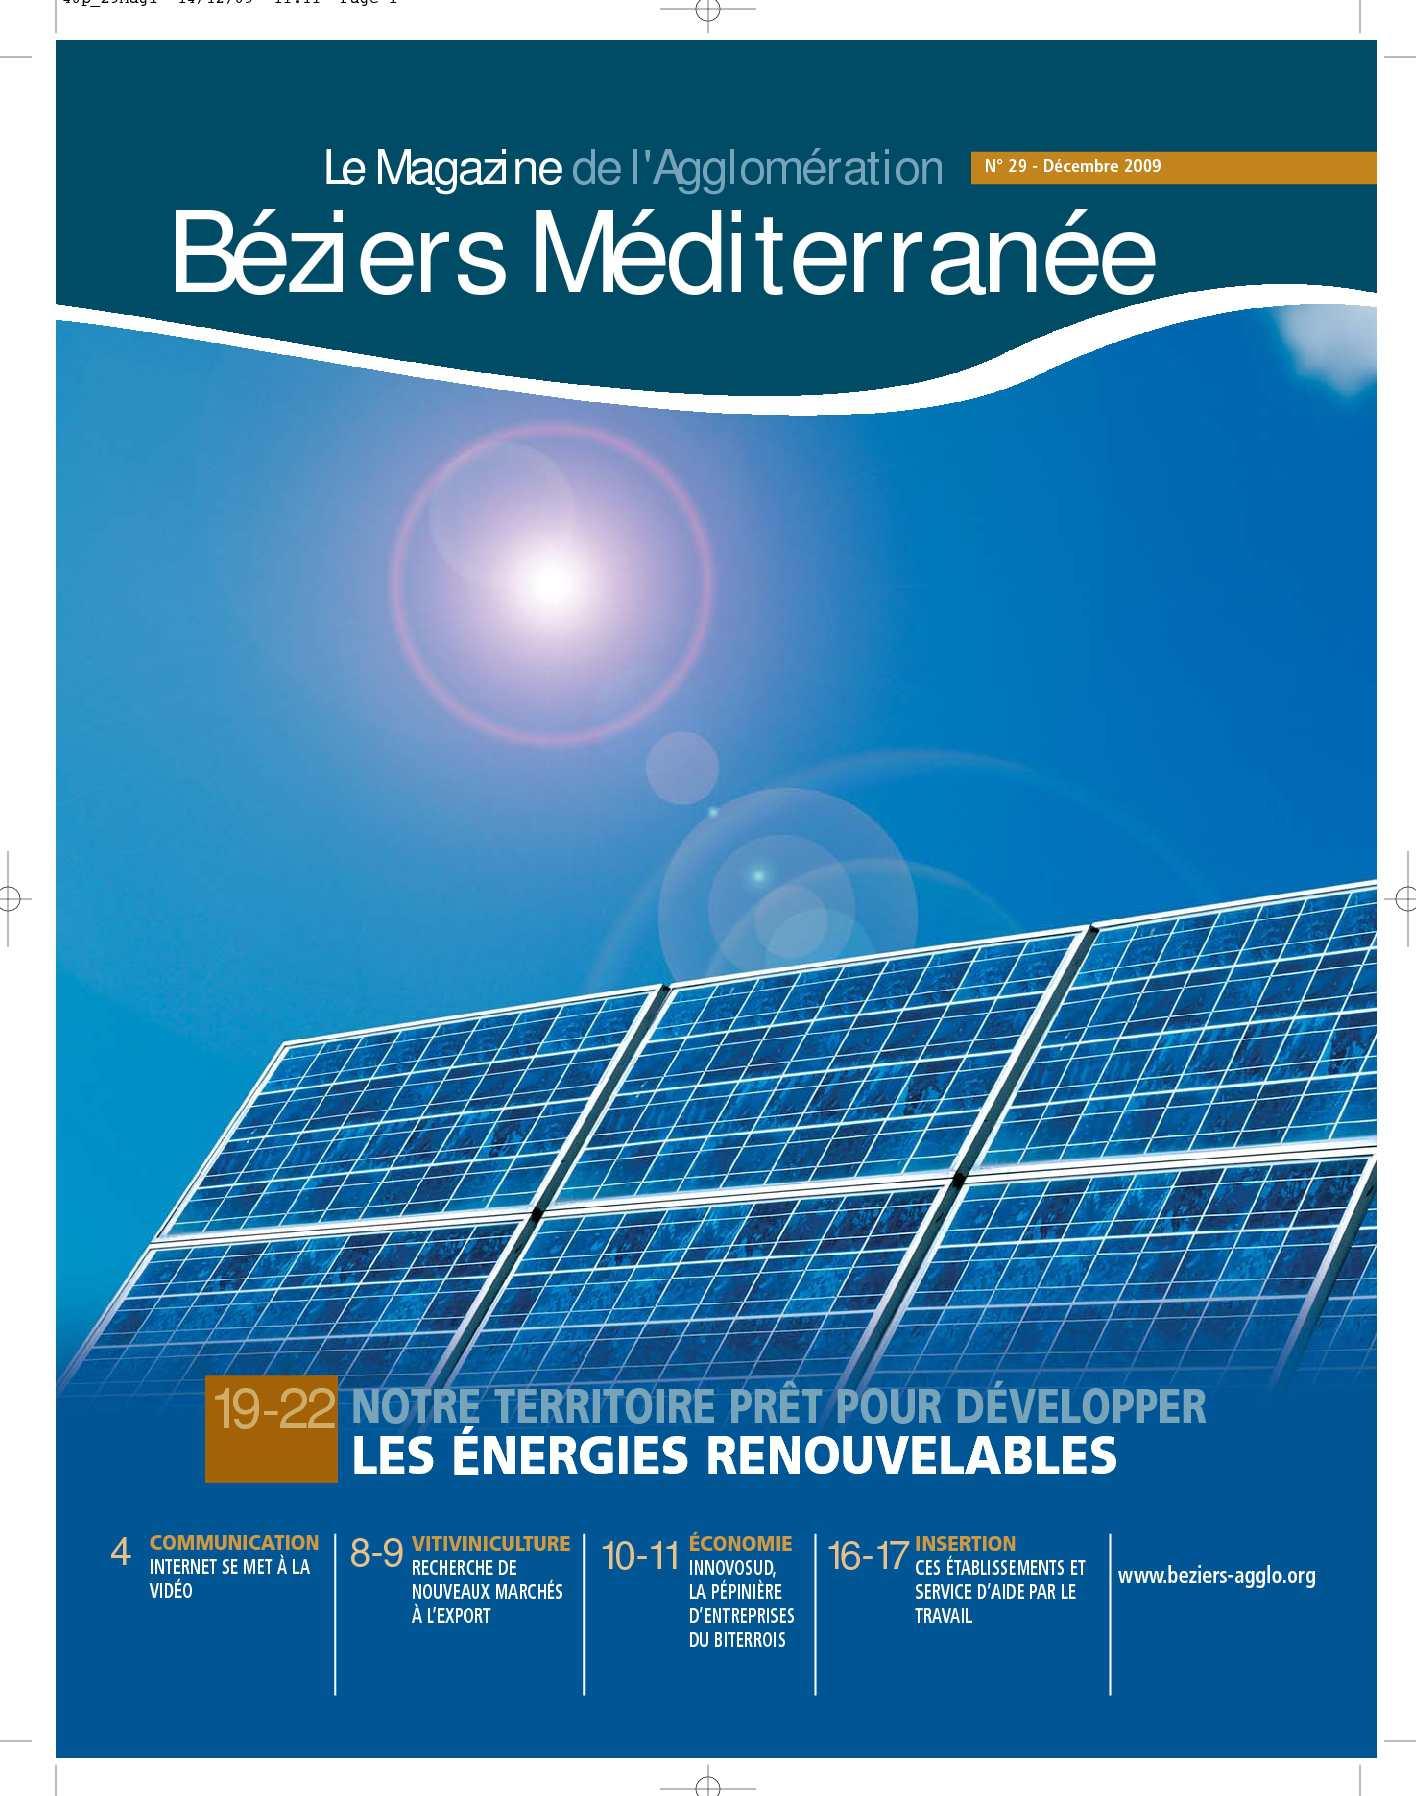 Calaméo - Magazine Béziers Méditerranée Décembre 2009 on